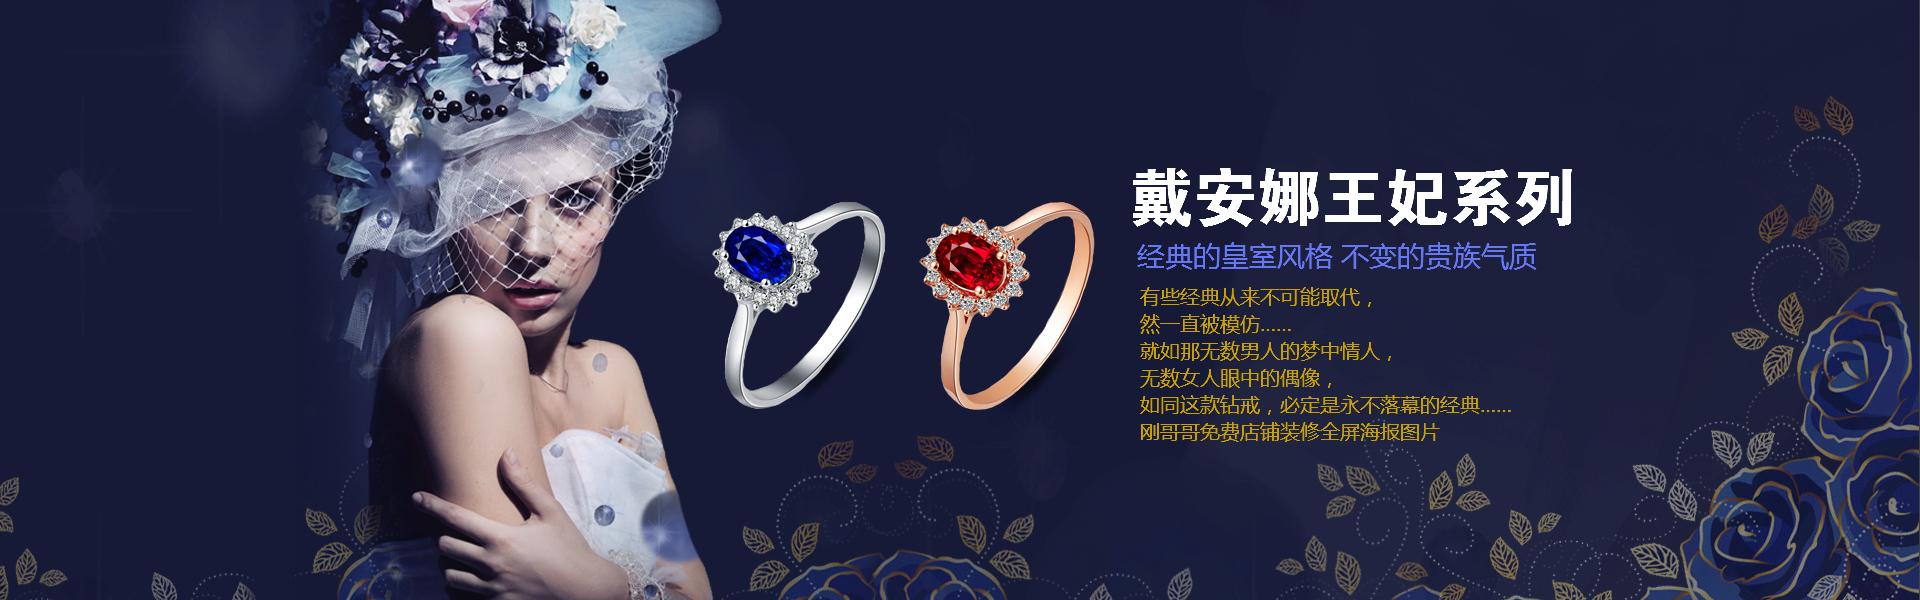 紫色高贵宝石戒指戴安娜王妃系列淘宝店铺天猫旺铺装修全屏海报图片在线制作